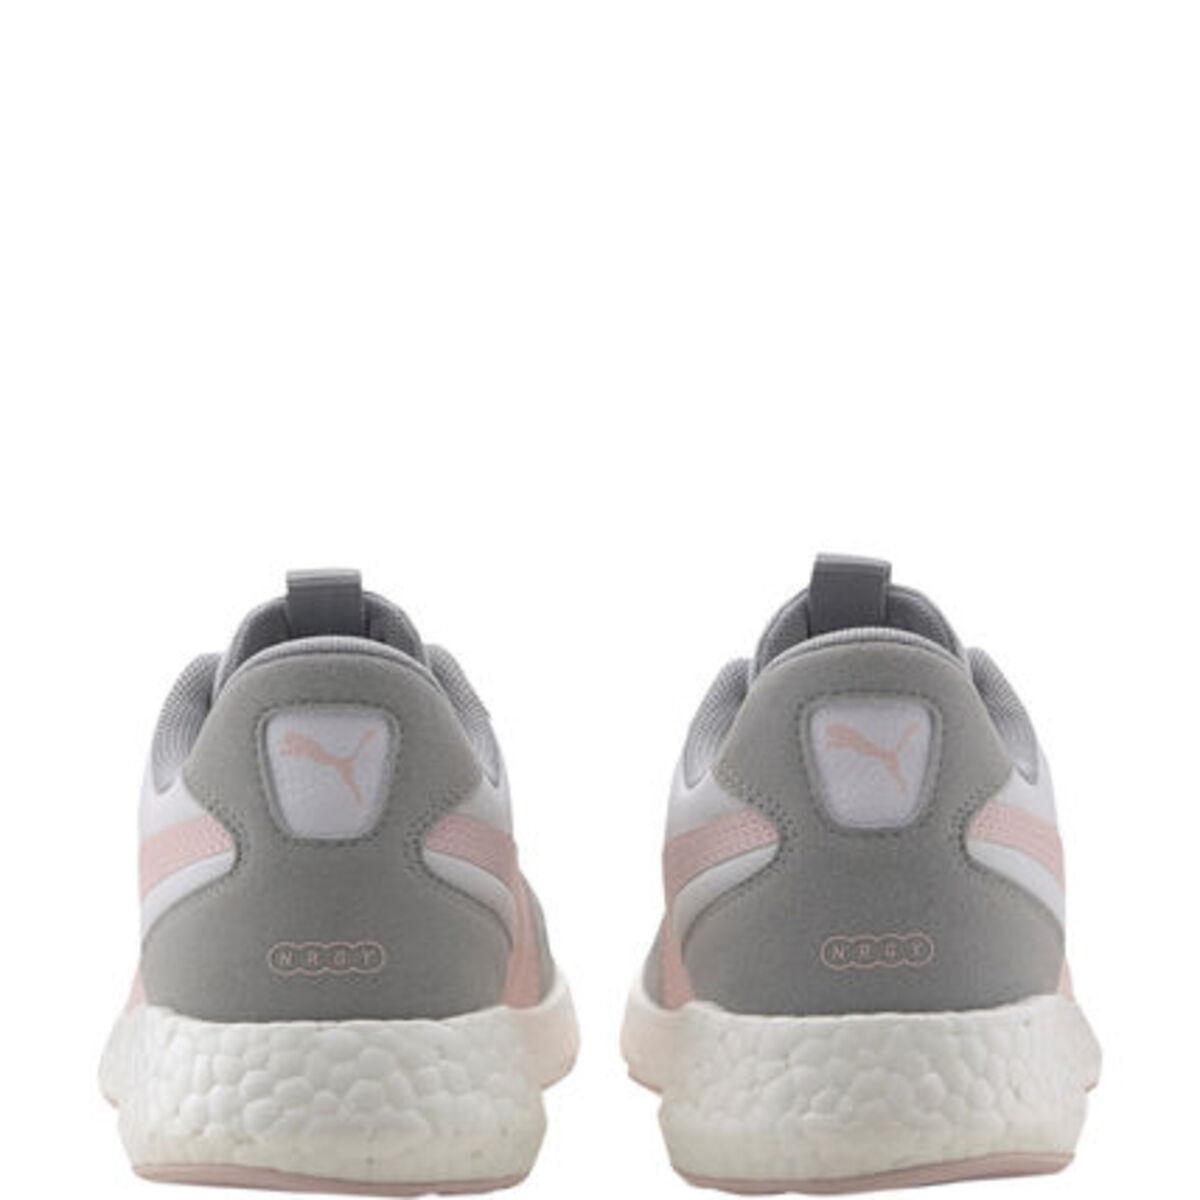 """Bild 2 von Puma Sneakers """"NRGY Neko Retro"""", Gummi-Laufsohle, für Damen"""